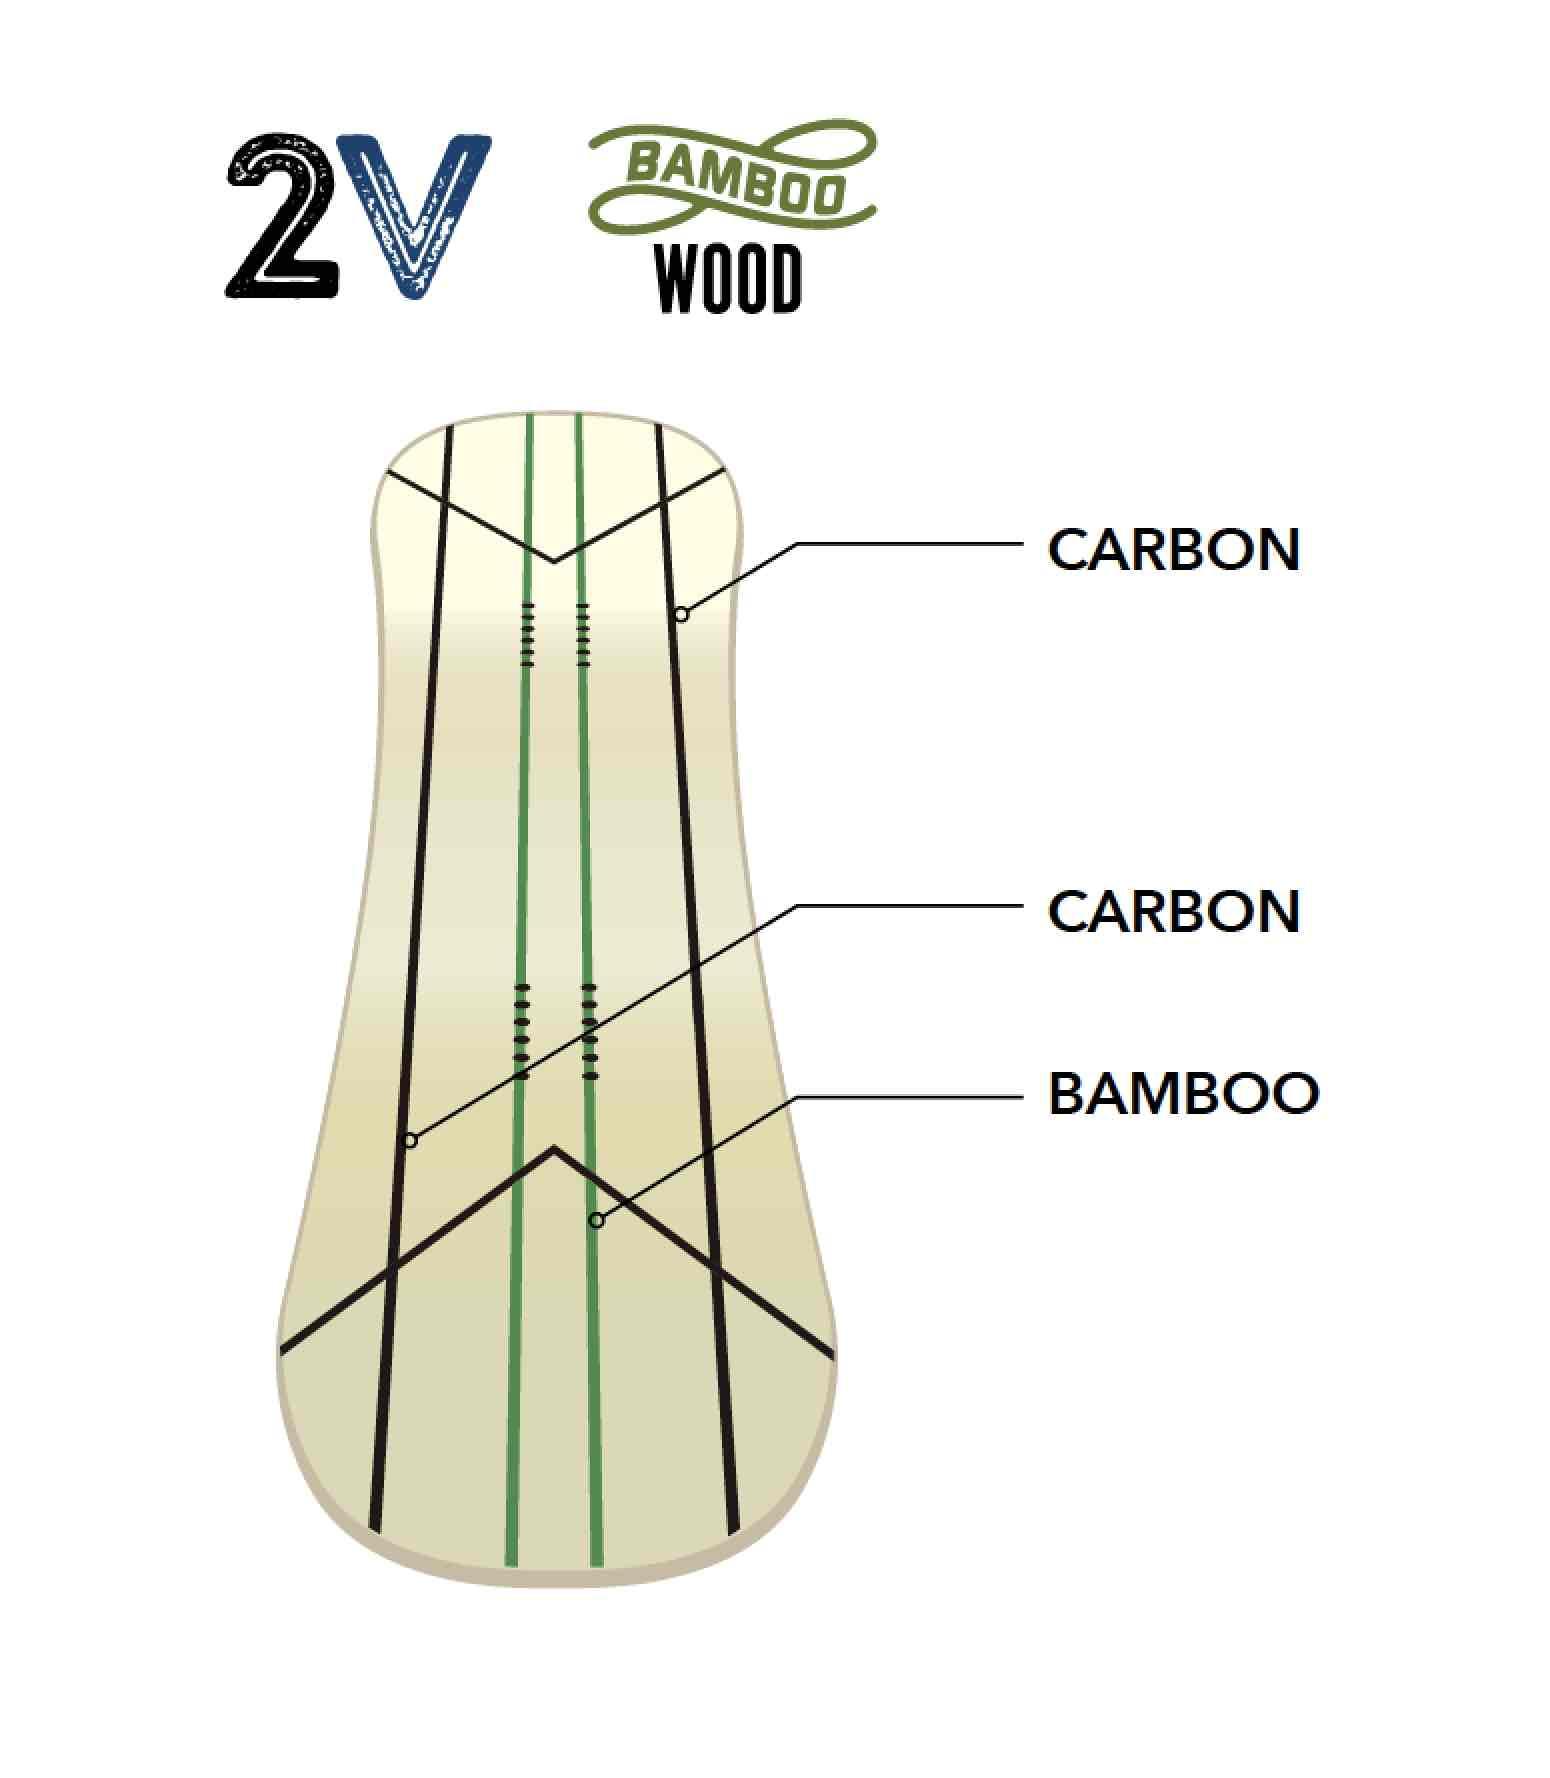 ダブルキャンバーやカーボンの配置などをイラストで詳しくチェックしよう